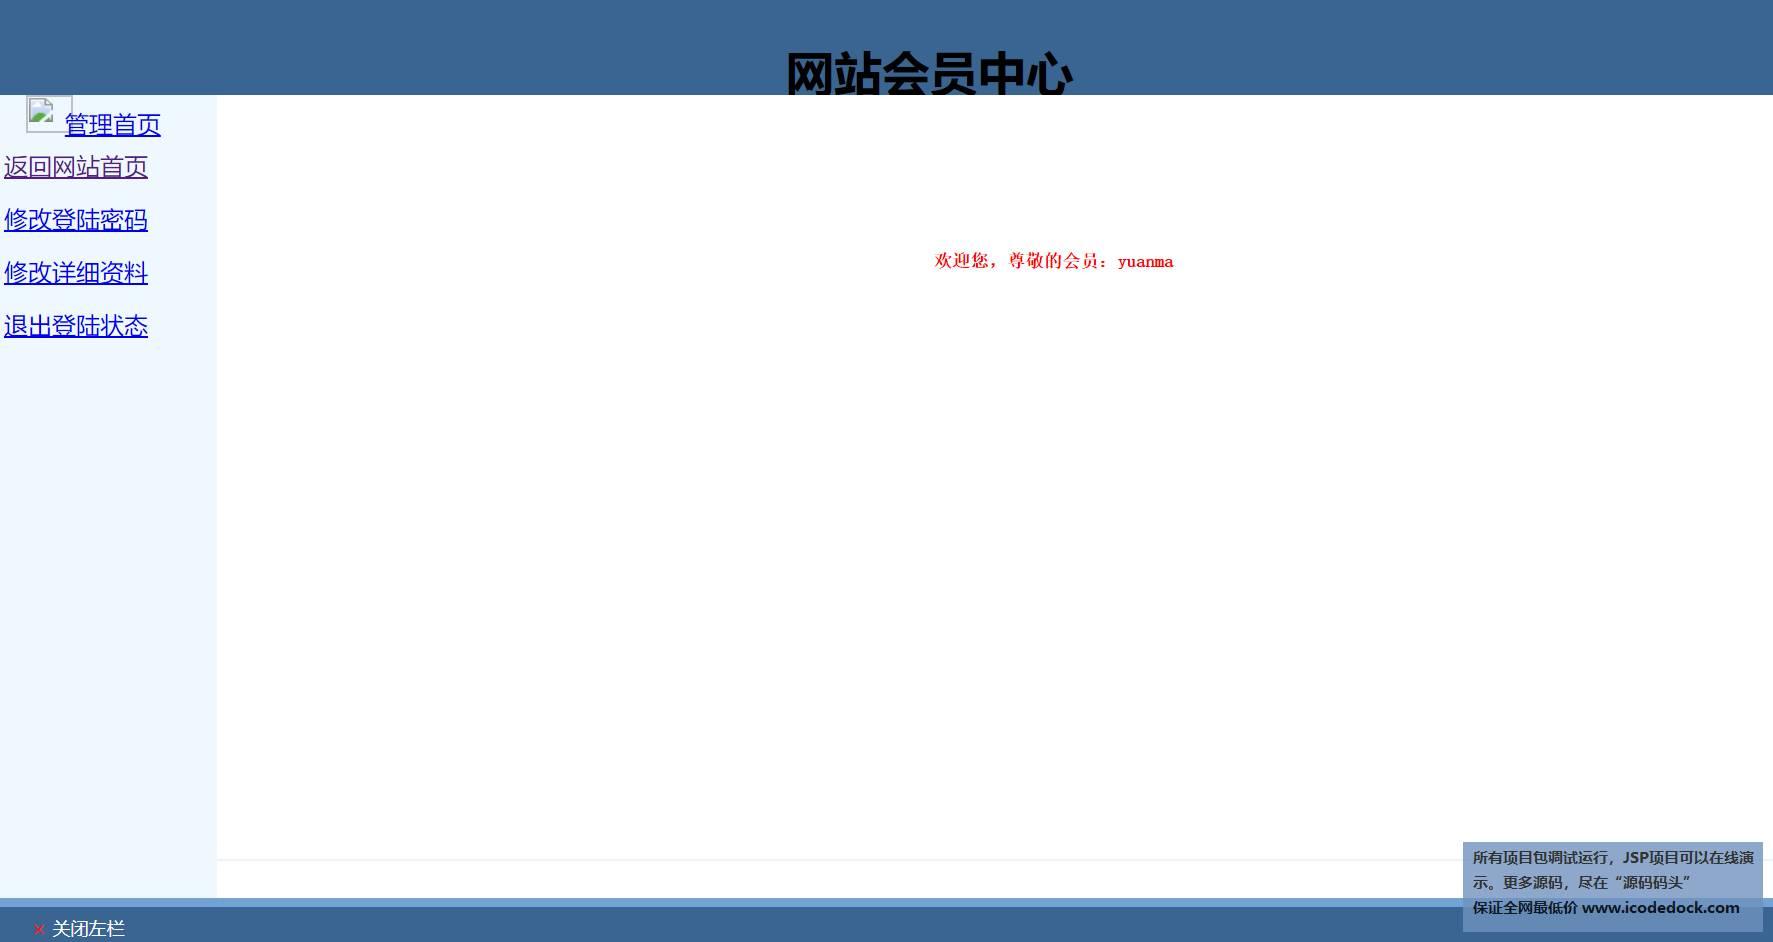 源码码头-JSP会员卡积分管理系统-用户角色-登录后页面